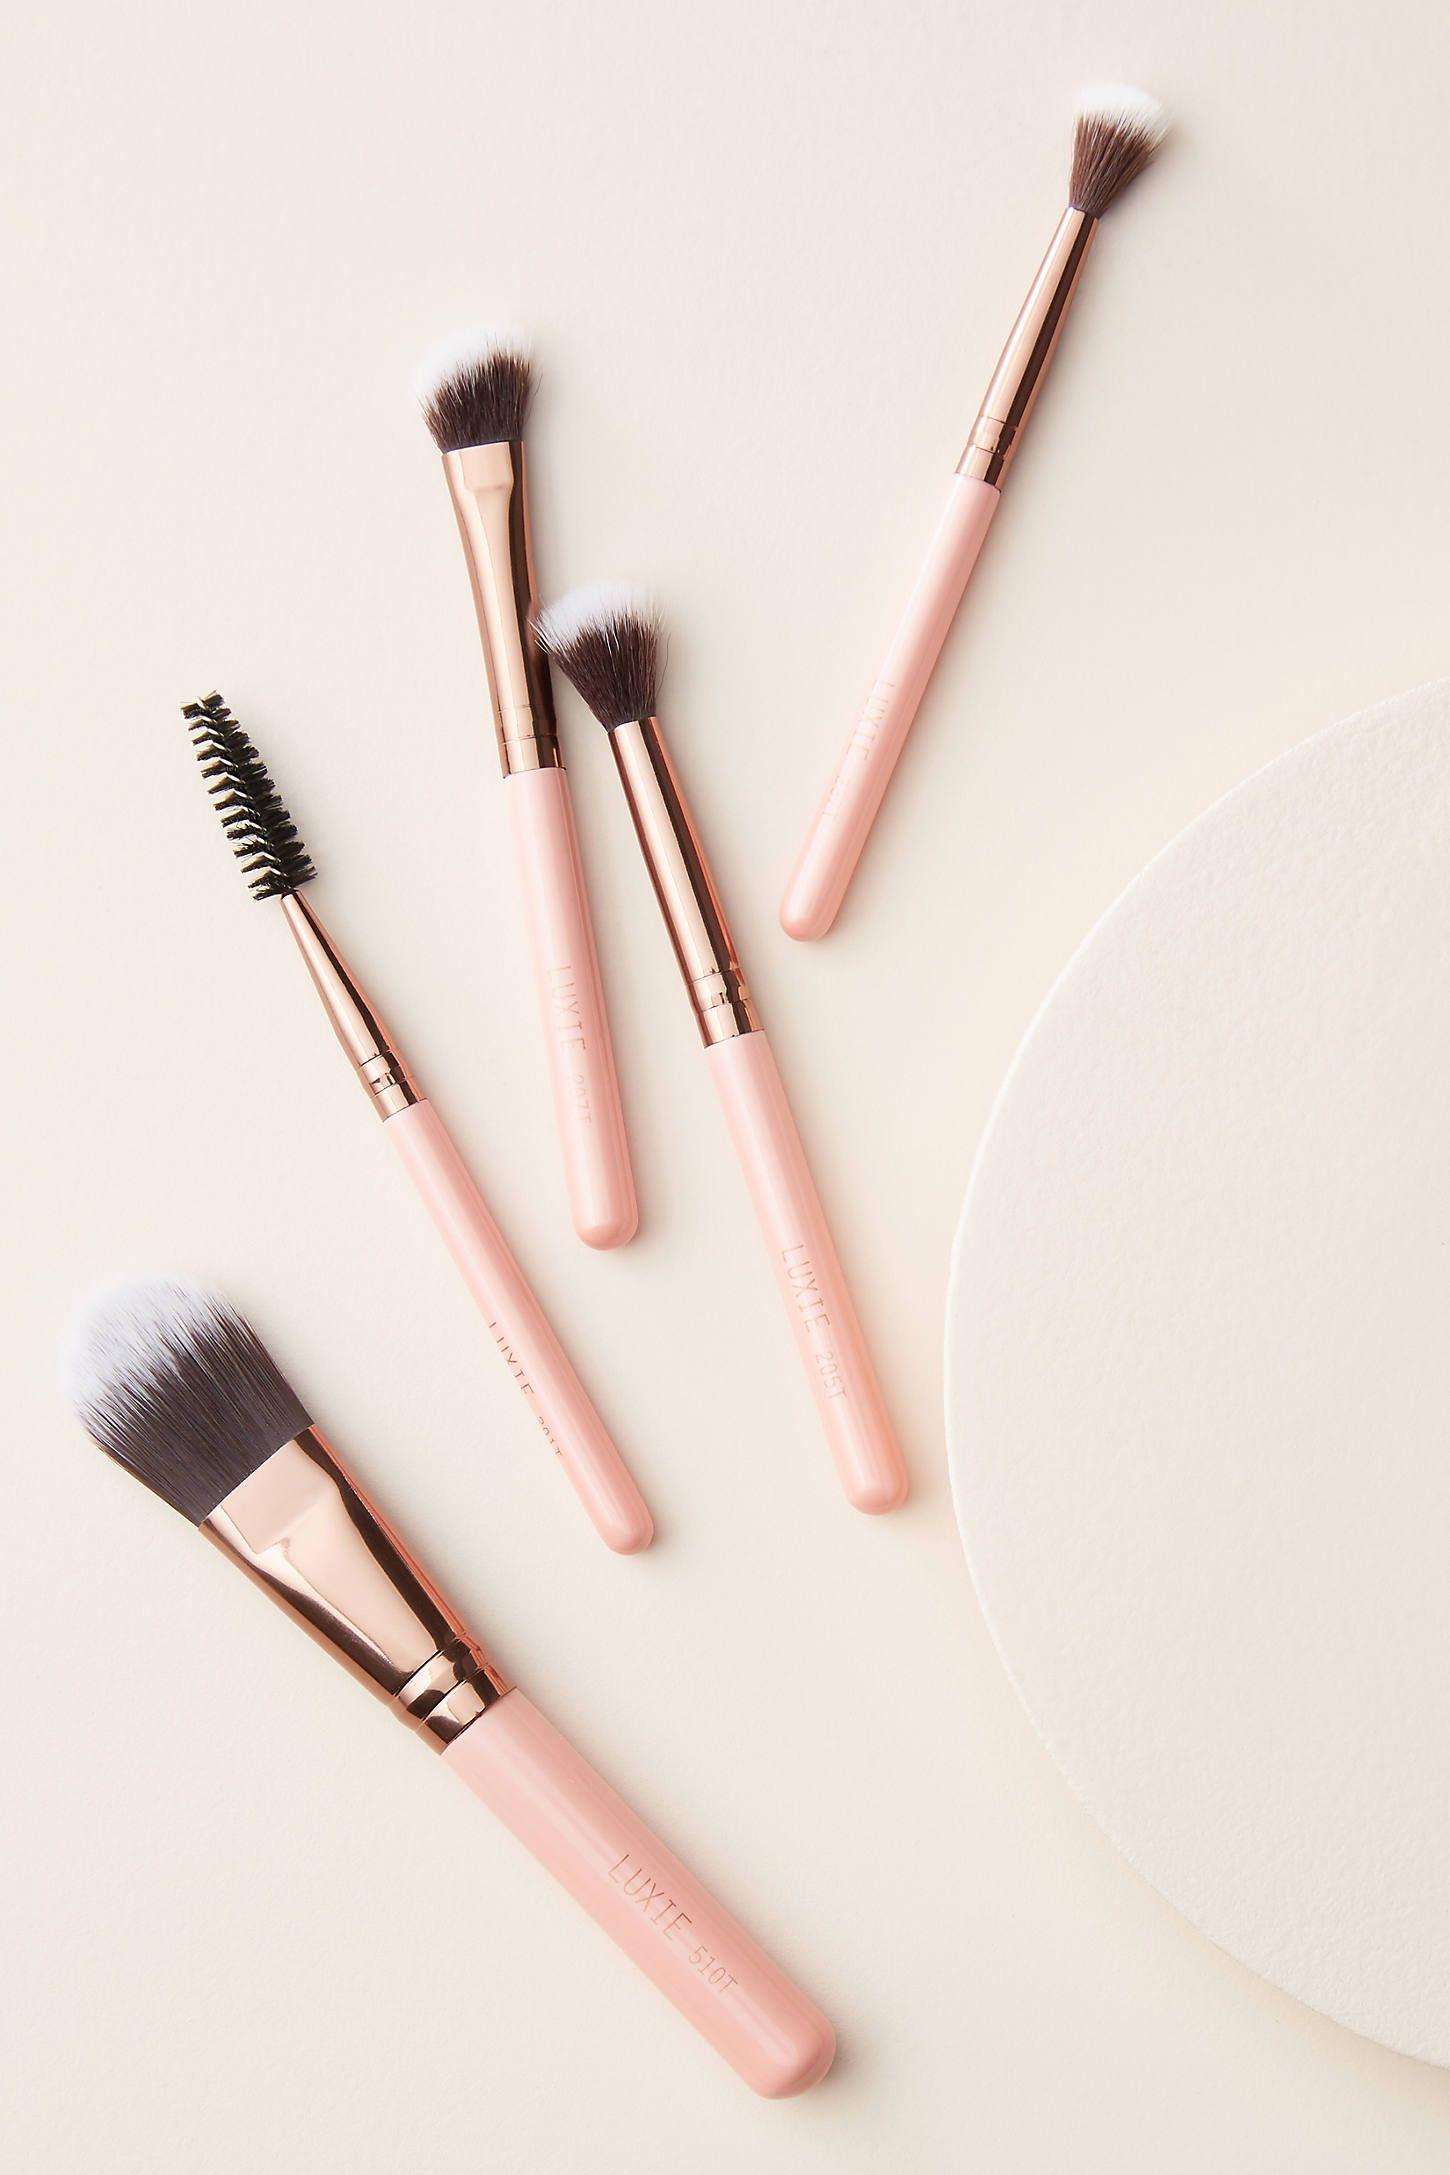 Luxie Travel Brush Set in 2020 Brush set, Makeup brush